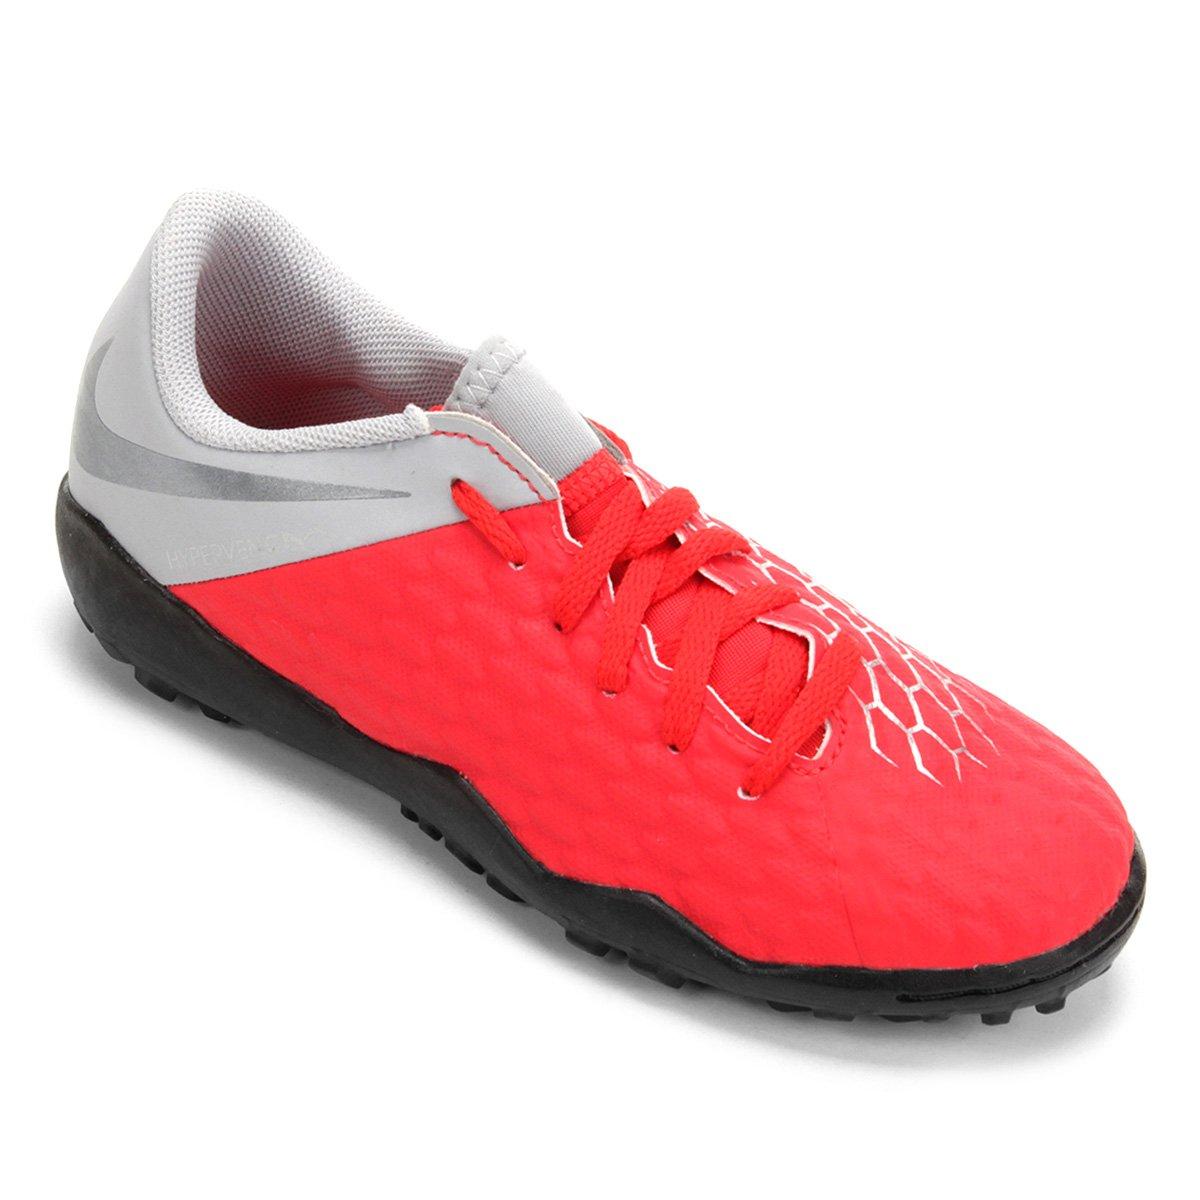 ef0d64a2ff Chuteira Society Infantil Nike Hypervenom 3 Academy TF - Vermelho e ...